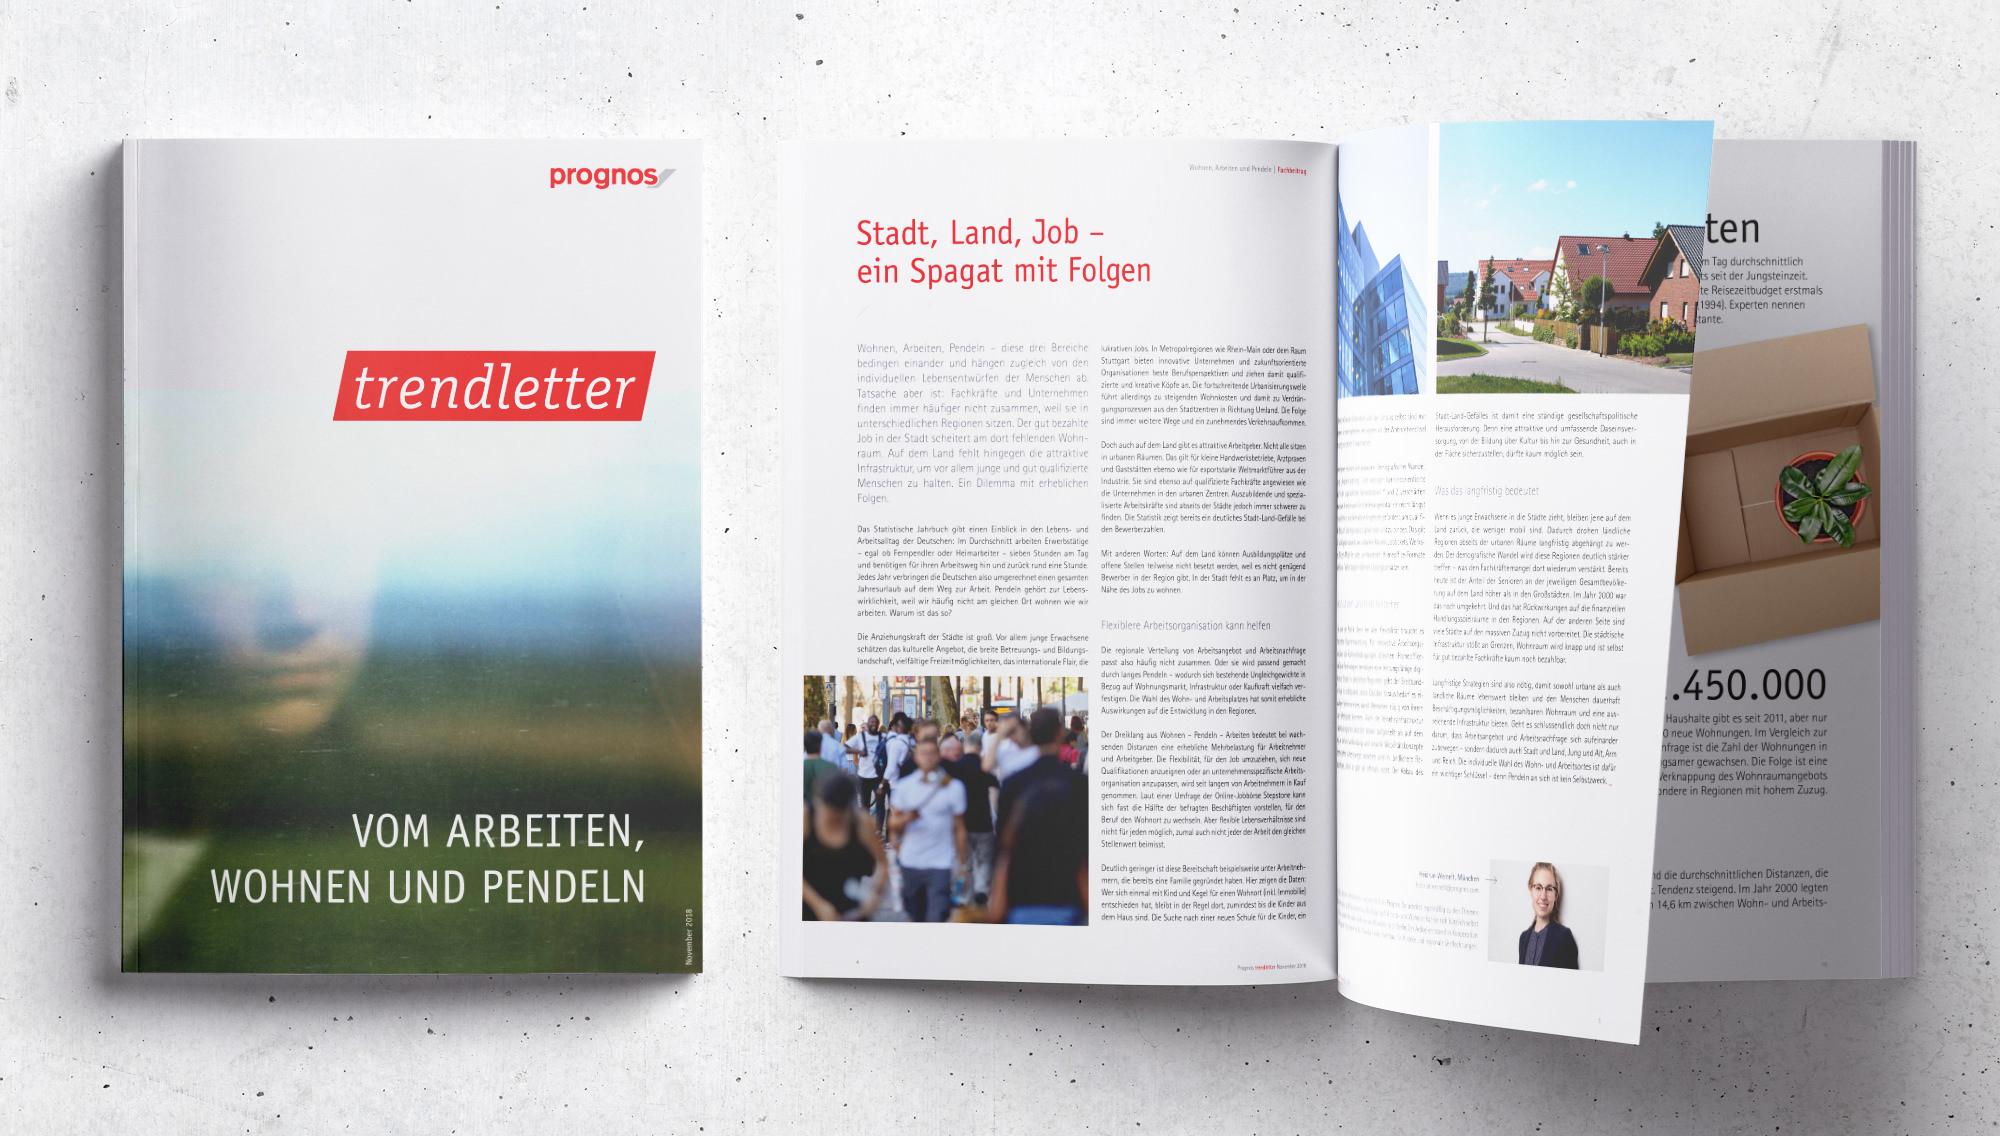 Trendletter – Titel und Innenseiten (Prognos, Editorial Design)